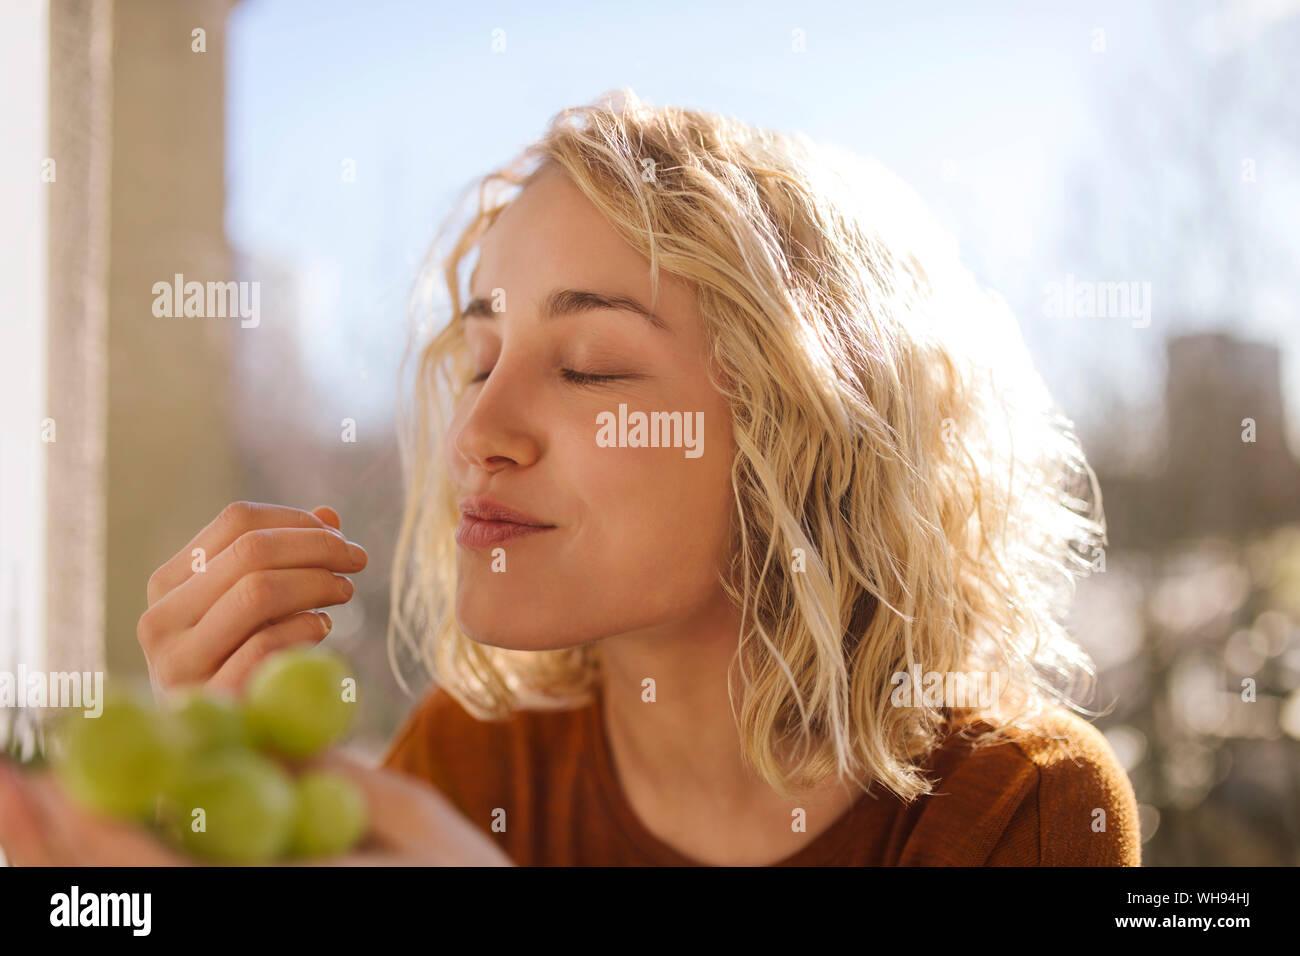 Retrato de mujer joven rubia comiendo las uvas verdes Foto de stock